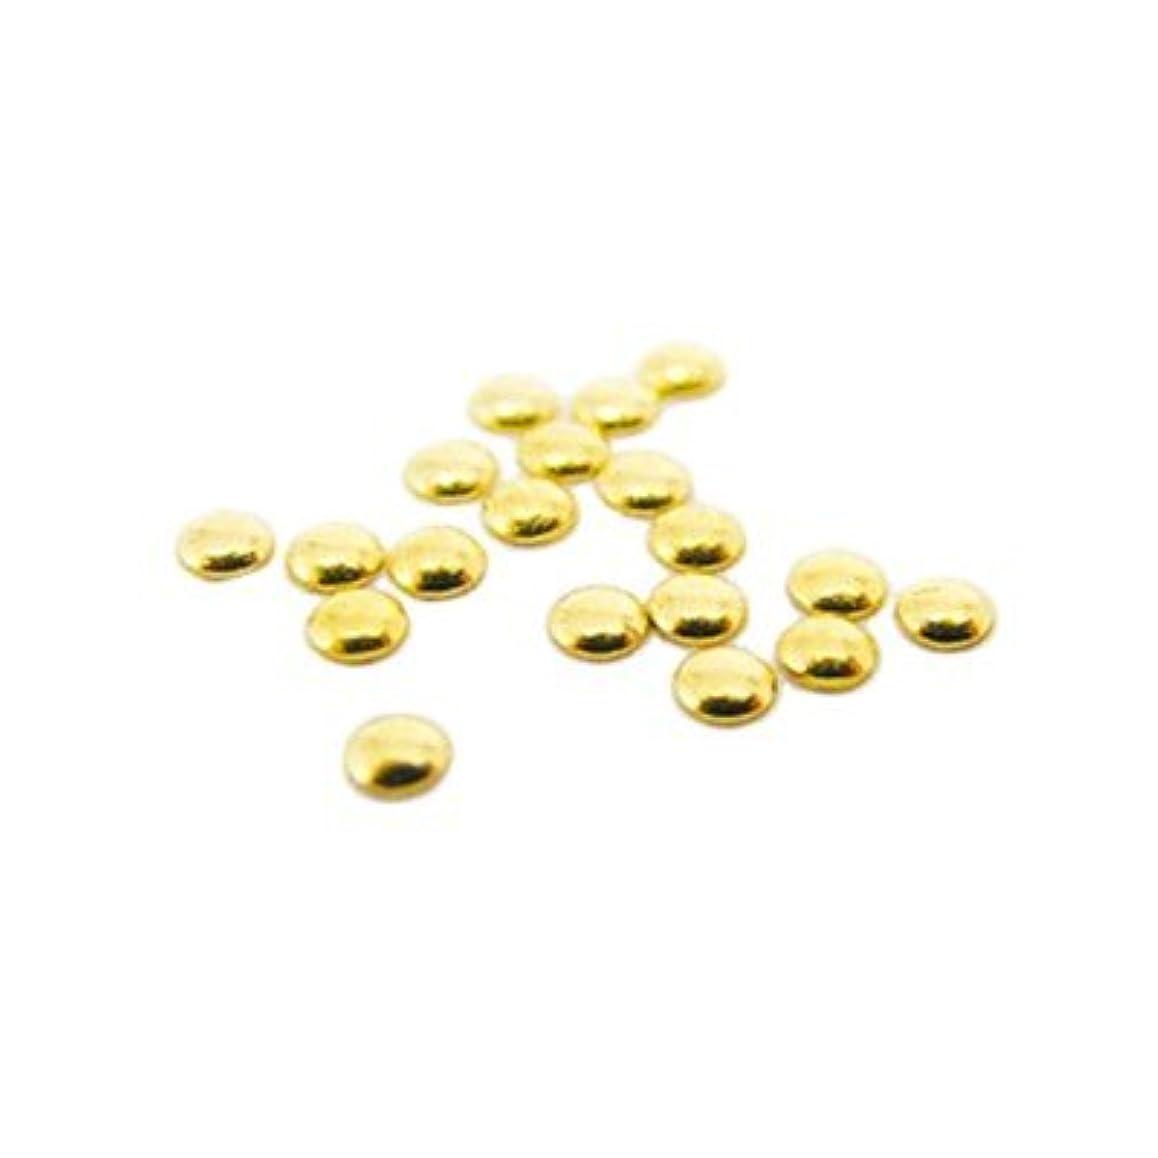 征服者気球アメリカピアドラ スタッズ 0.8mm 100P ゴールド